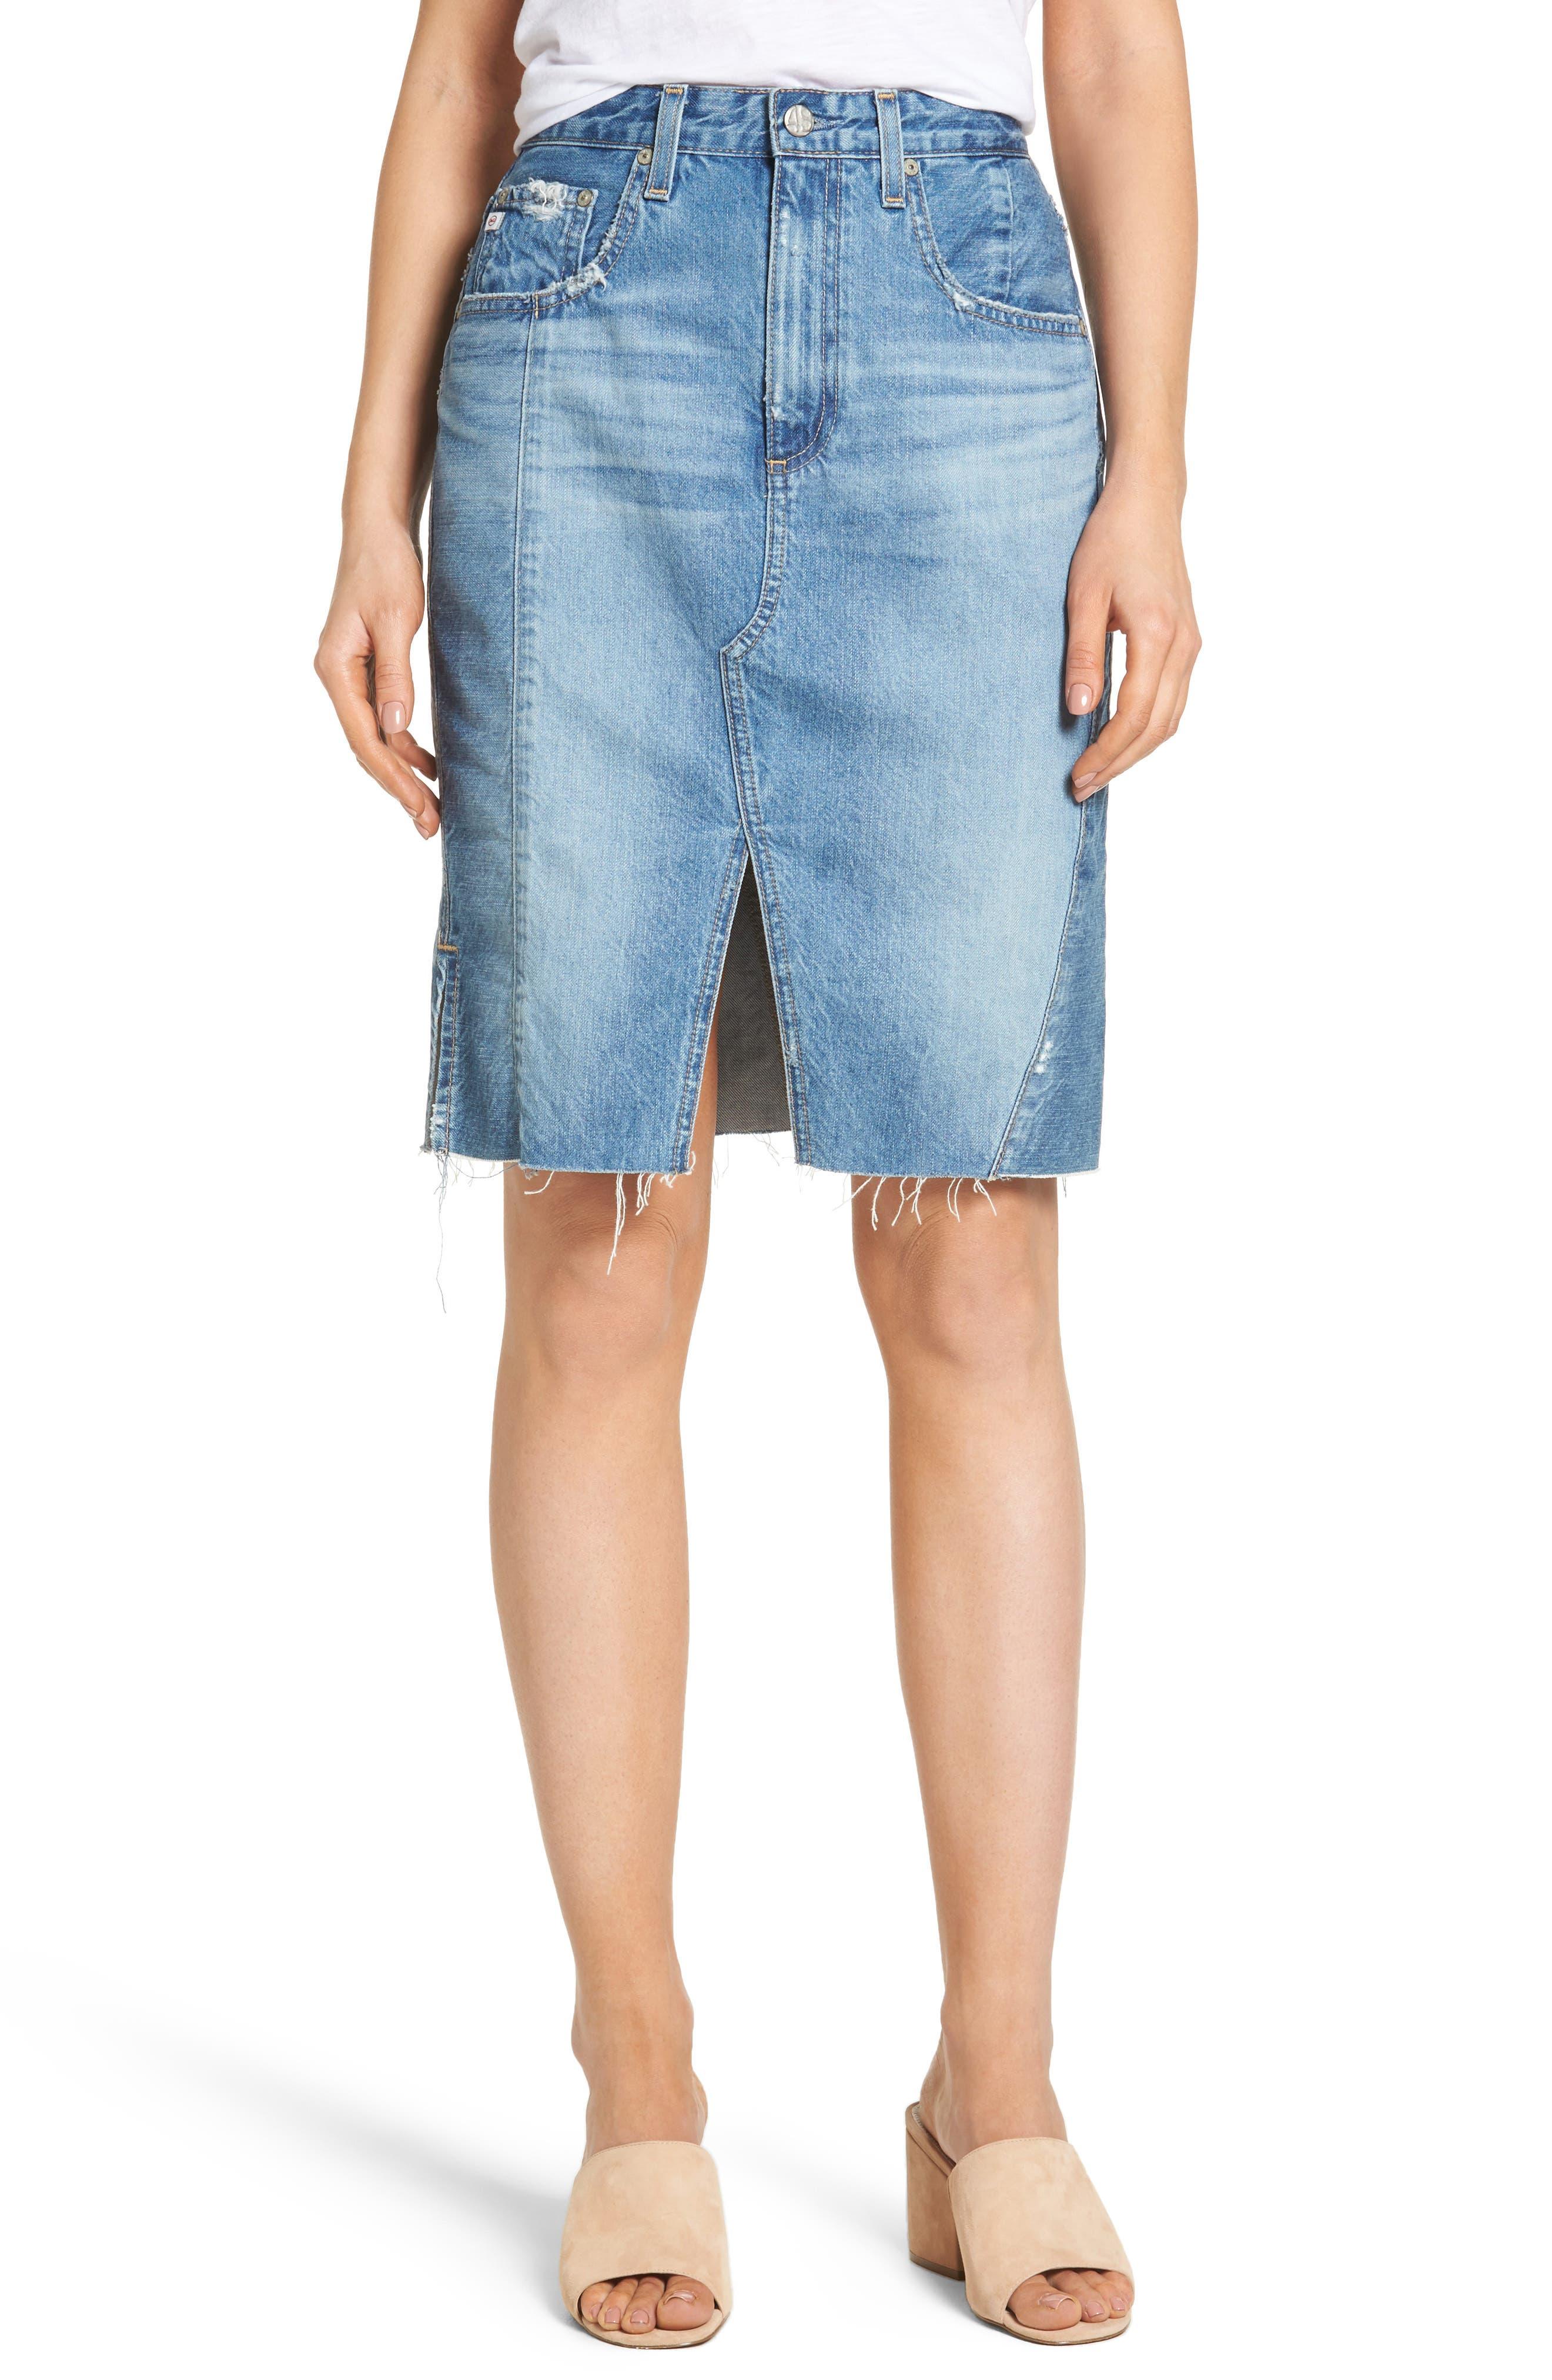 AG The Emery High Waist Denim Skirt (18 Years Blue Fawn)